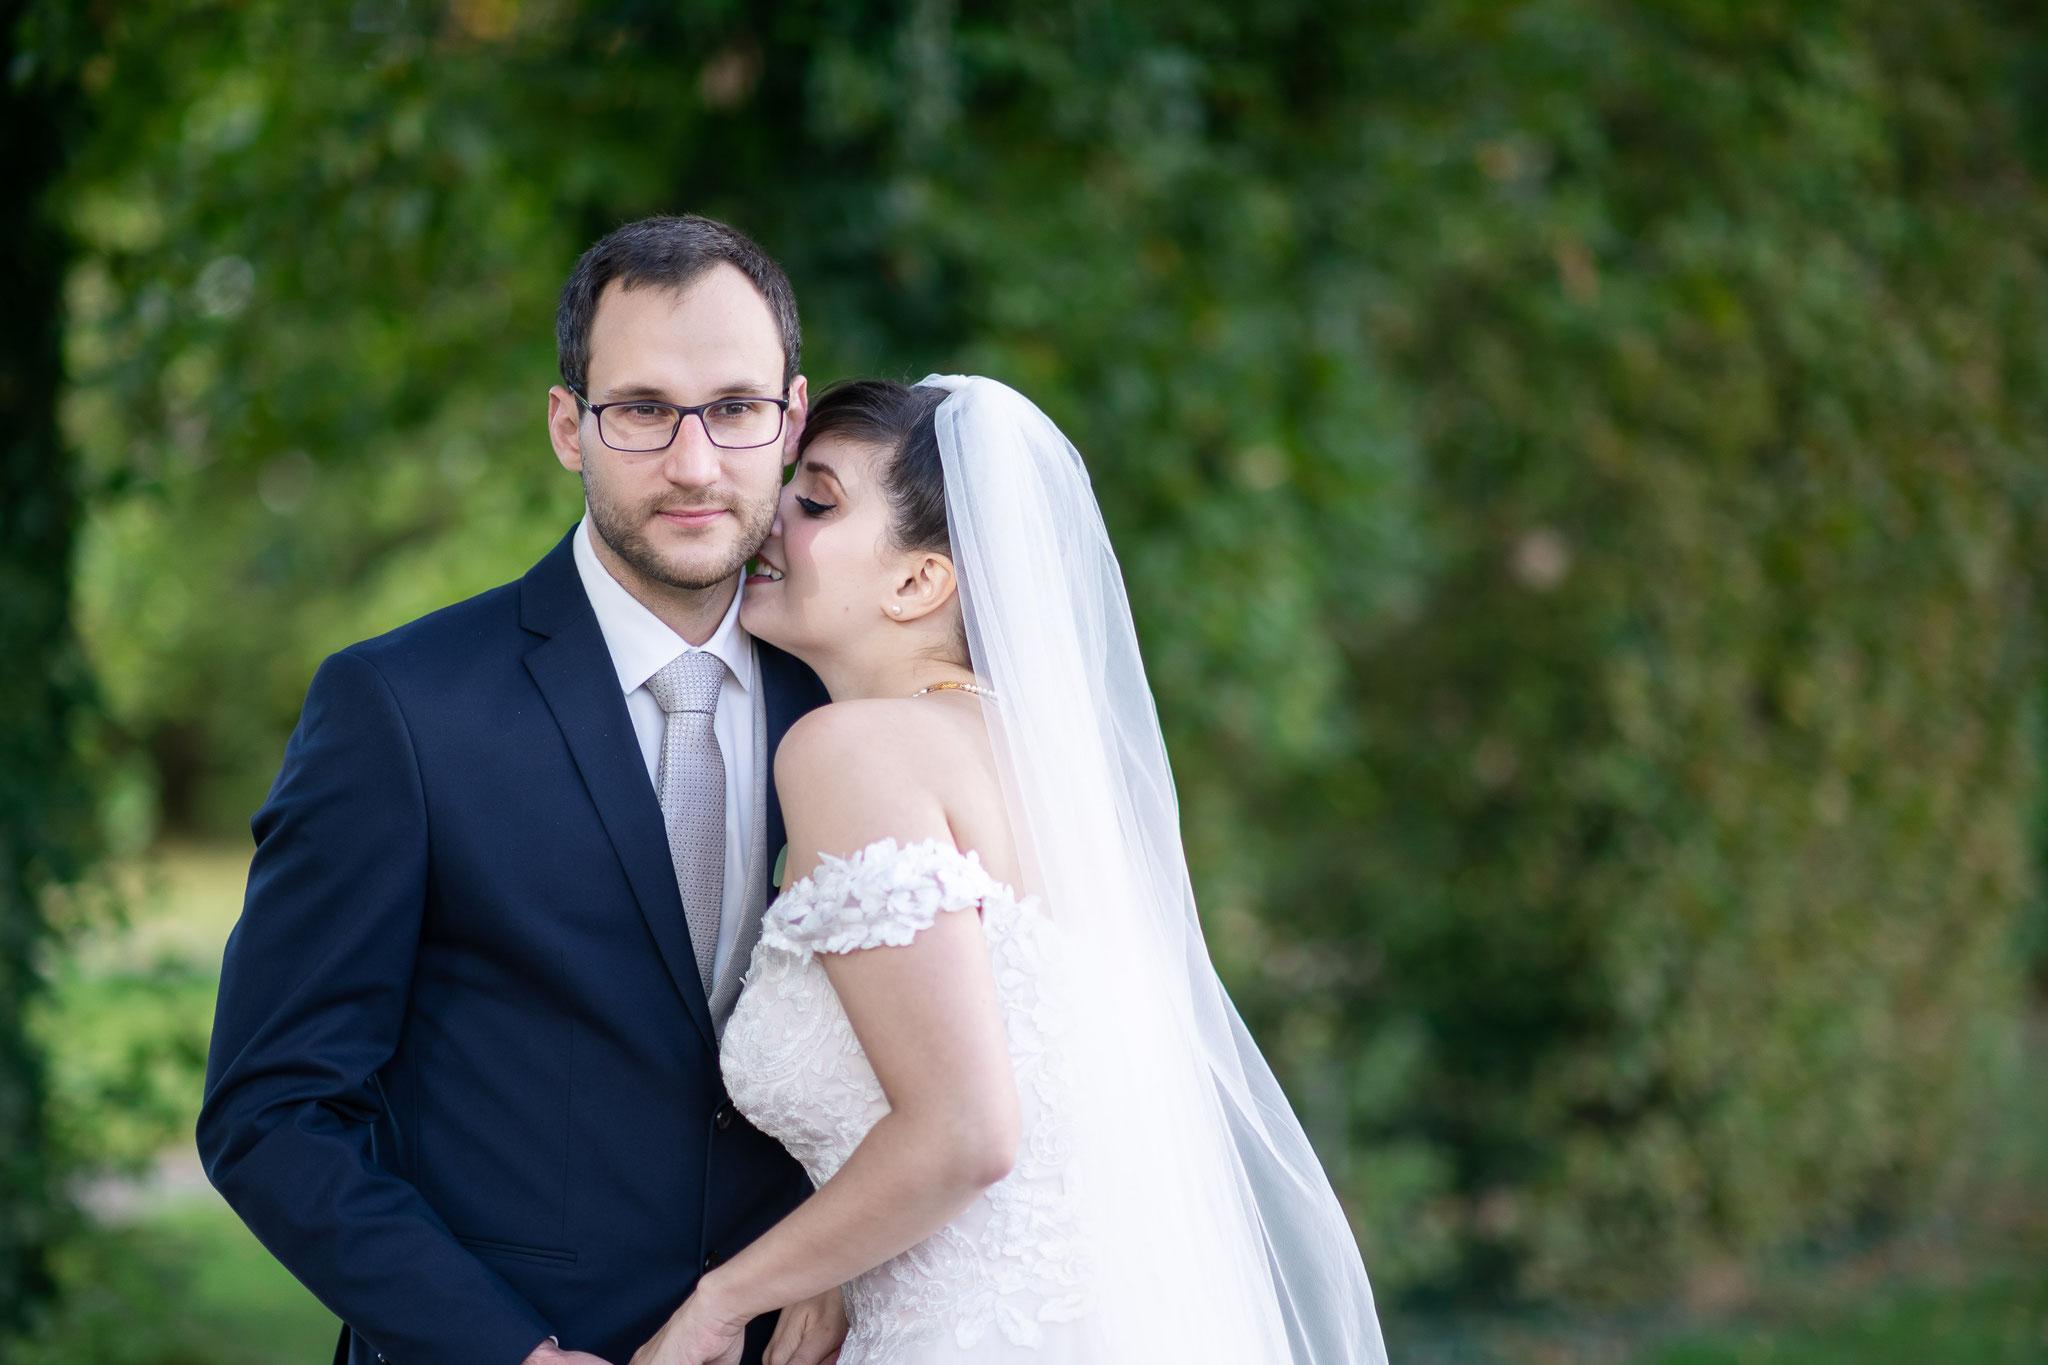 Brautpaarshooting richtig und professionell